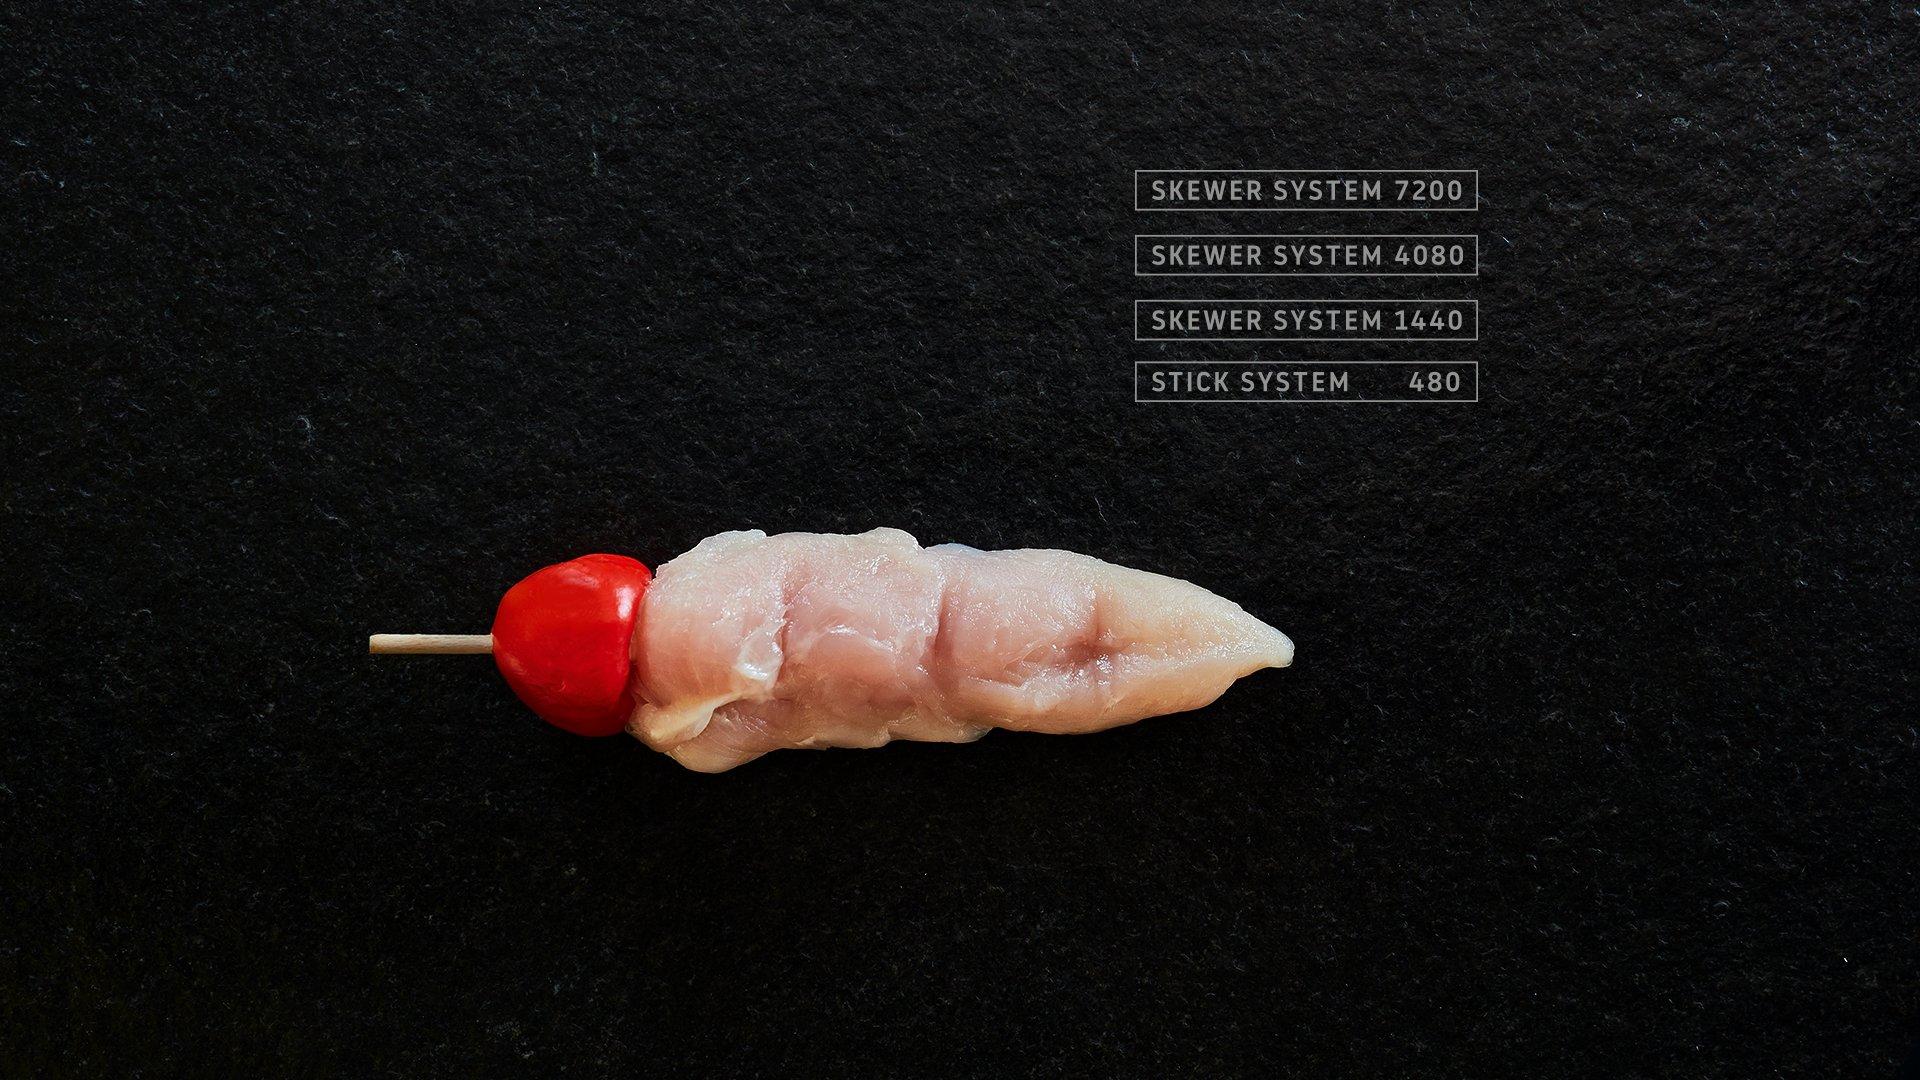 Miveg Skewer Systems · Hähnchen Tomate Spieß · Chicken Tomato Skewer